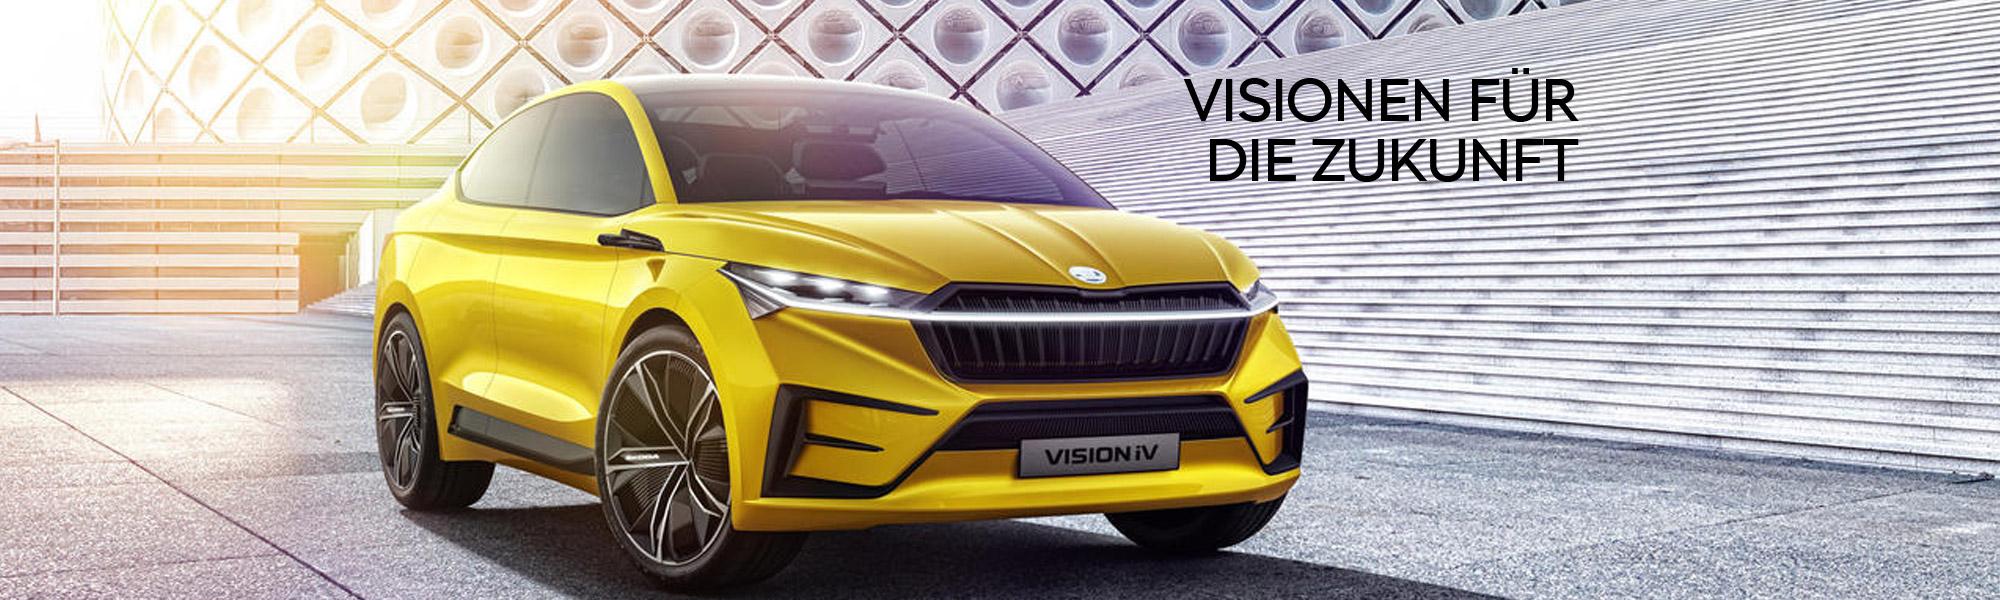 Vision für die Zukunft